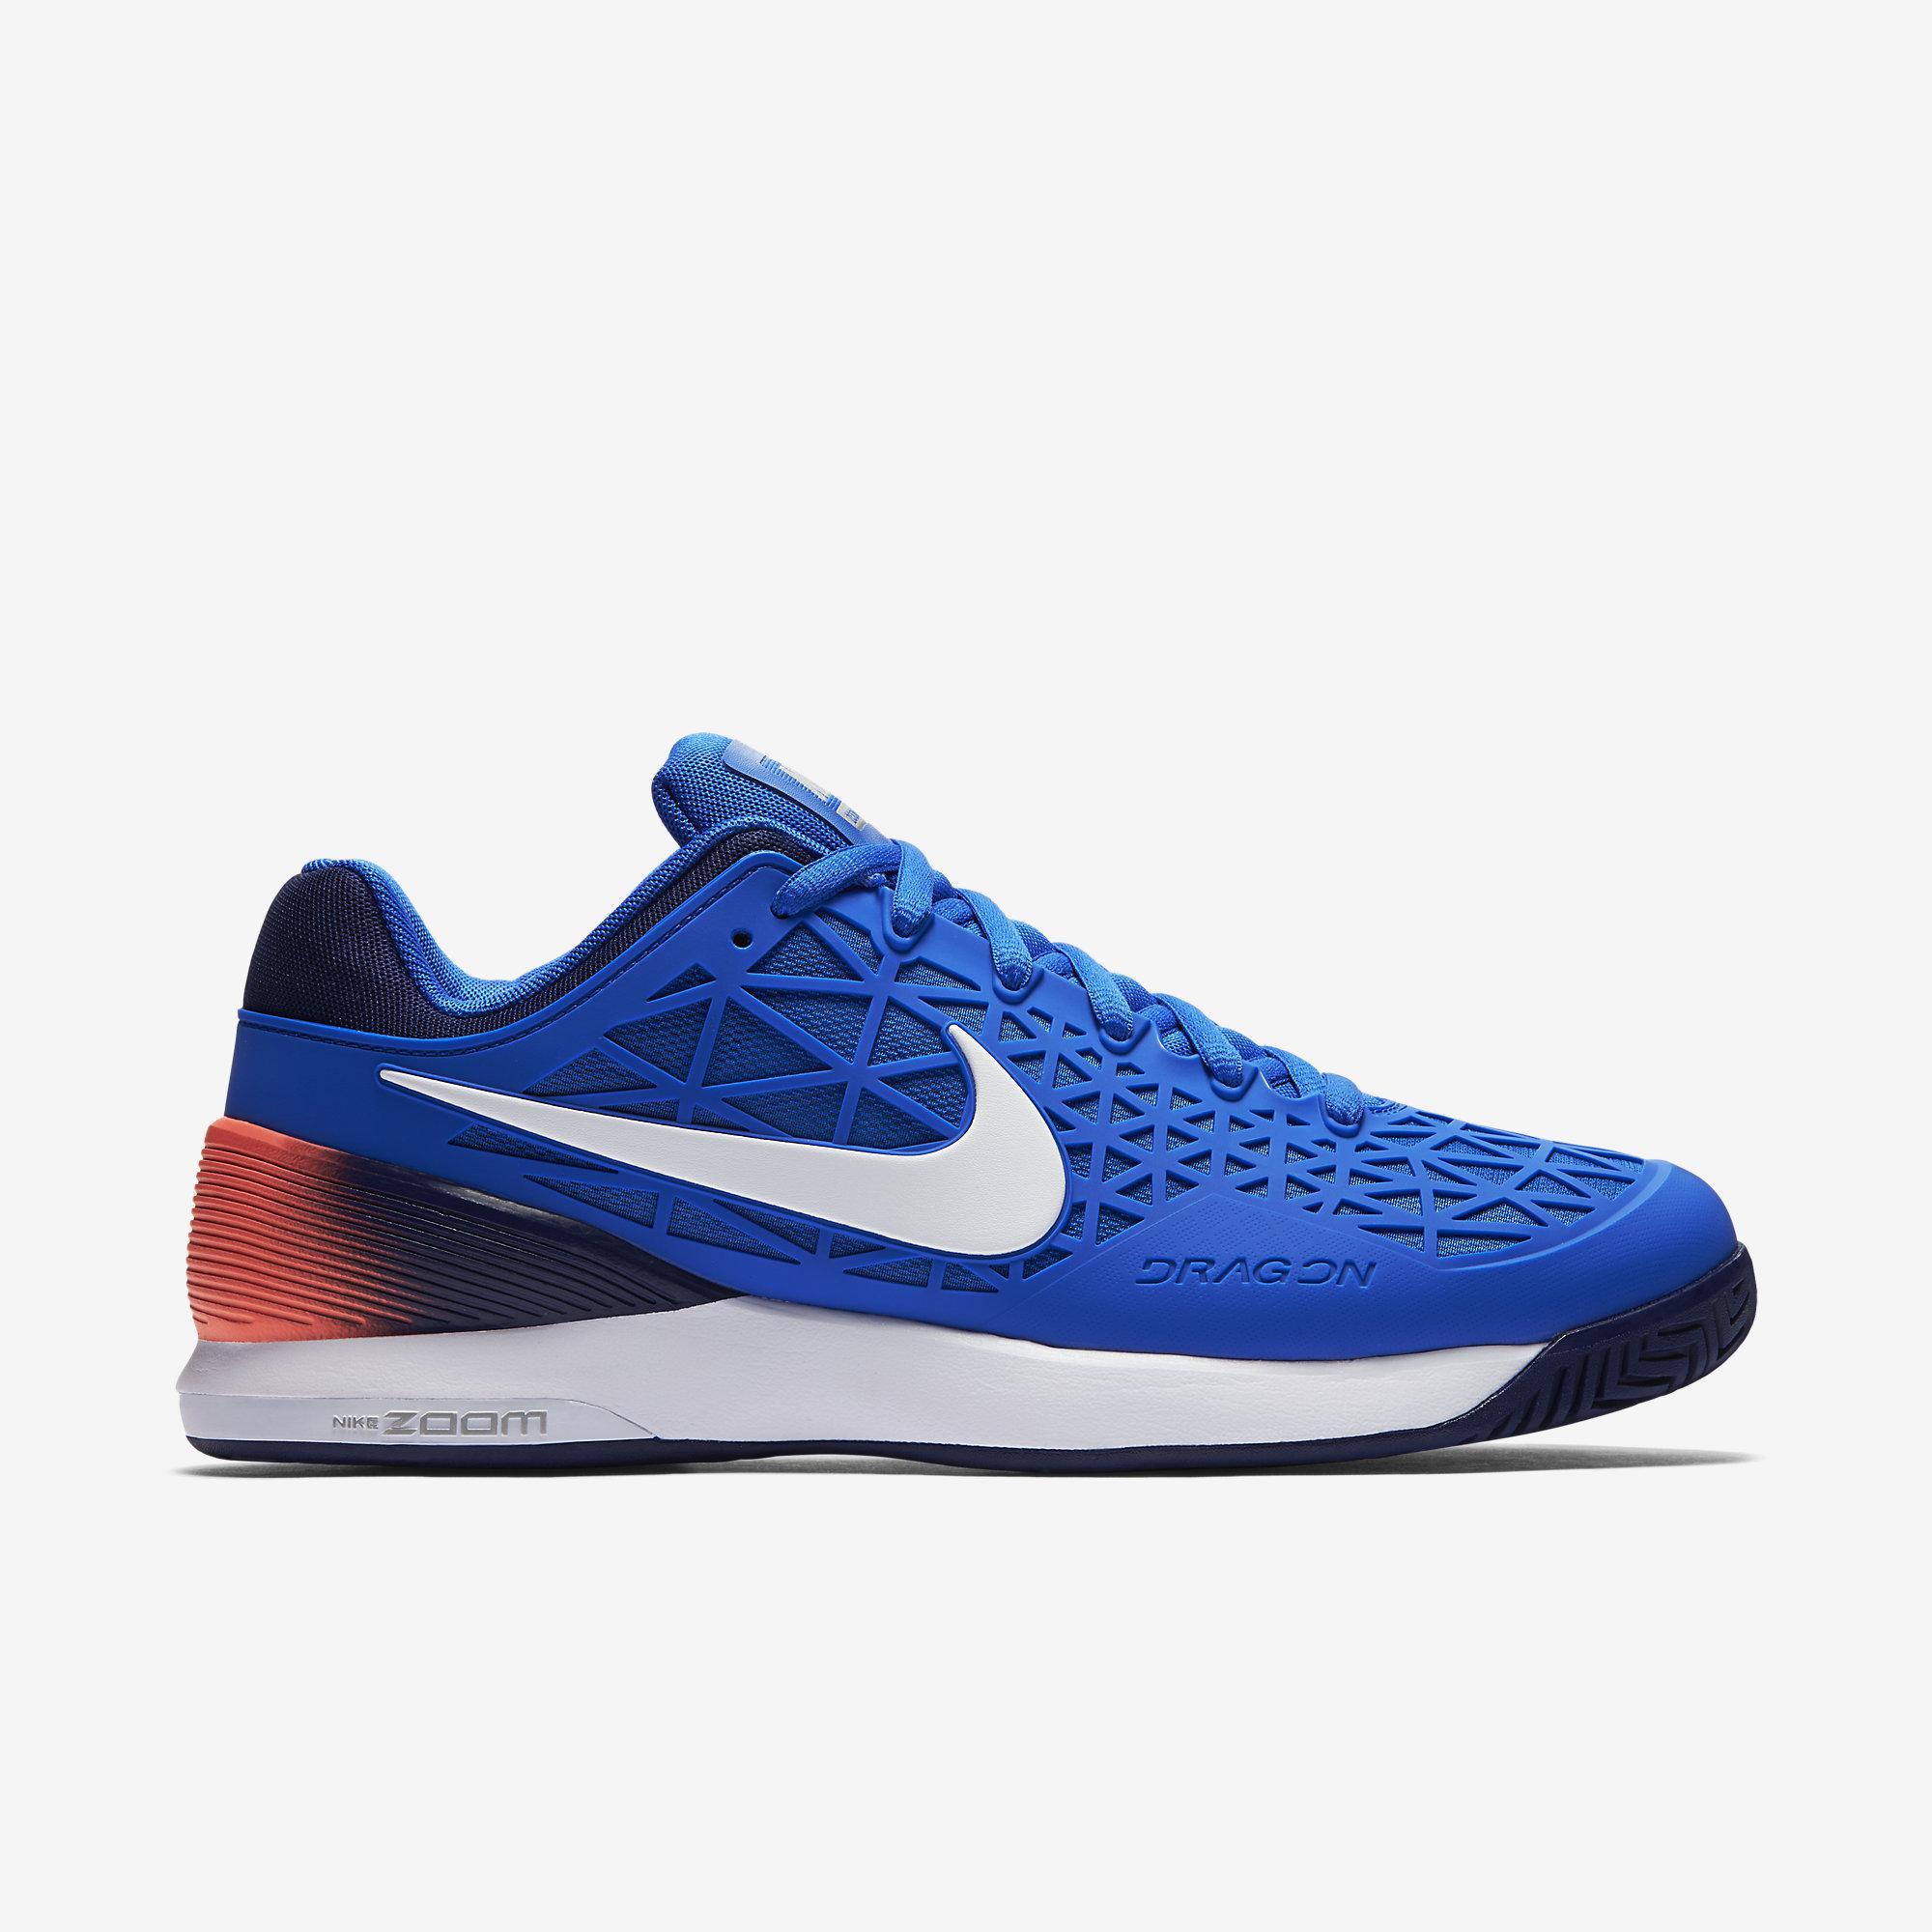 97493ac52770 Nike Mens Zoom Cage 2 EU Tennis Shoes - Blue - Tennisnuts.com